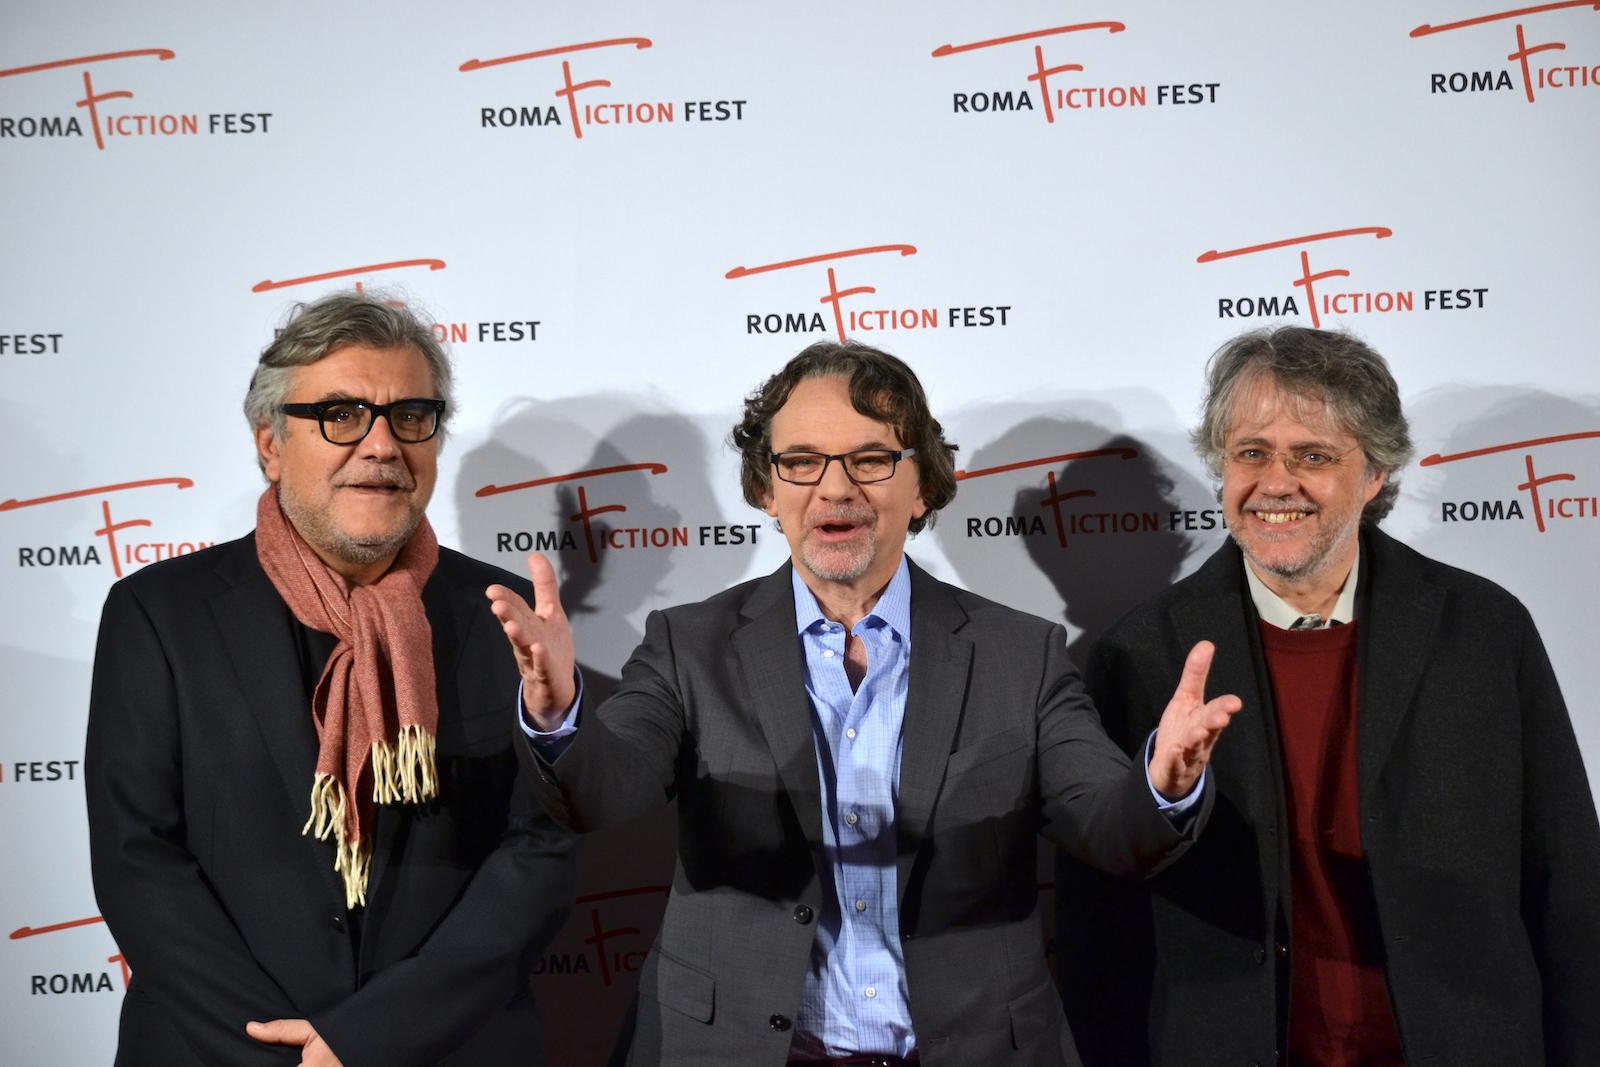 Roma Fiction Fest 2015: Frank Spotnitz, Giancoarlo de Cataldo e Andrea porporati in uno scatto al photocall prima della masterclass